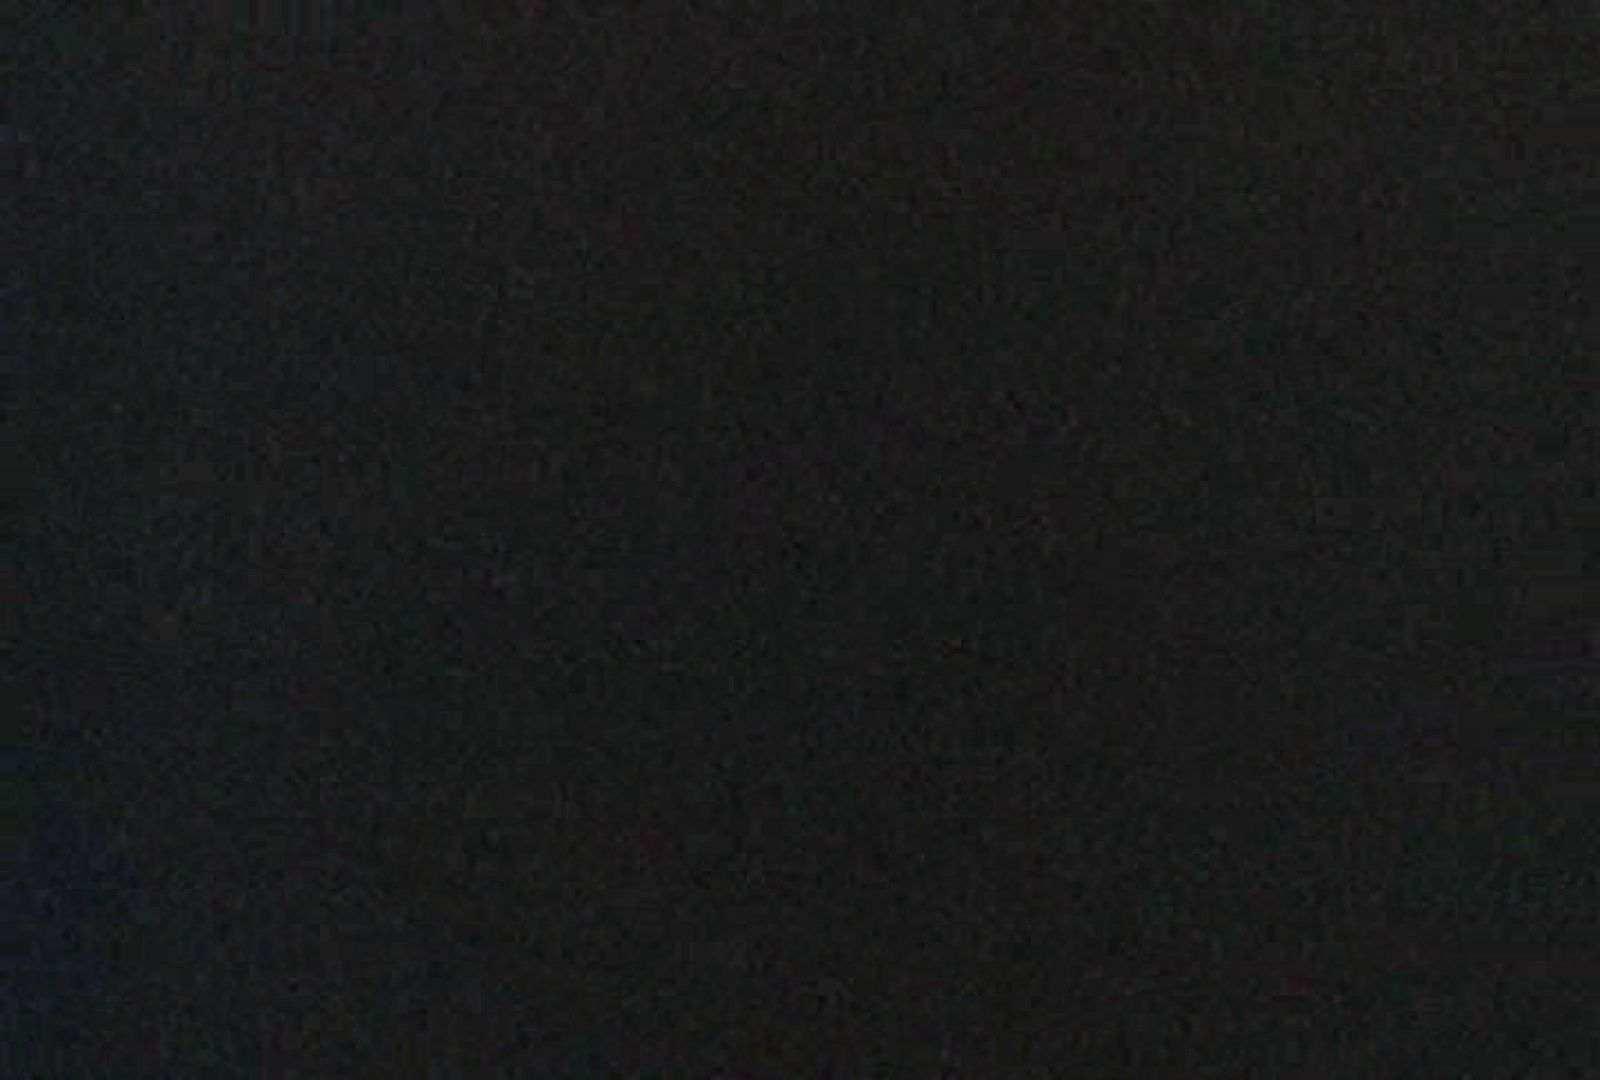 充血監督の深夜の運動会Vol.45 ローター エロ画像 101画像 41